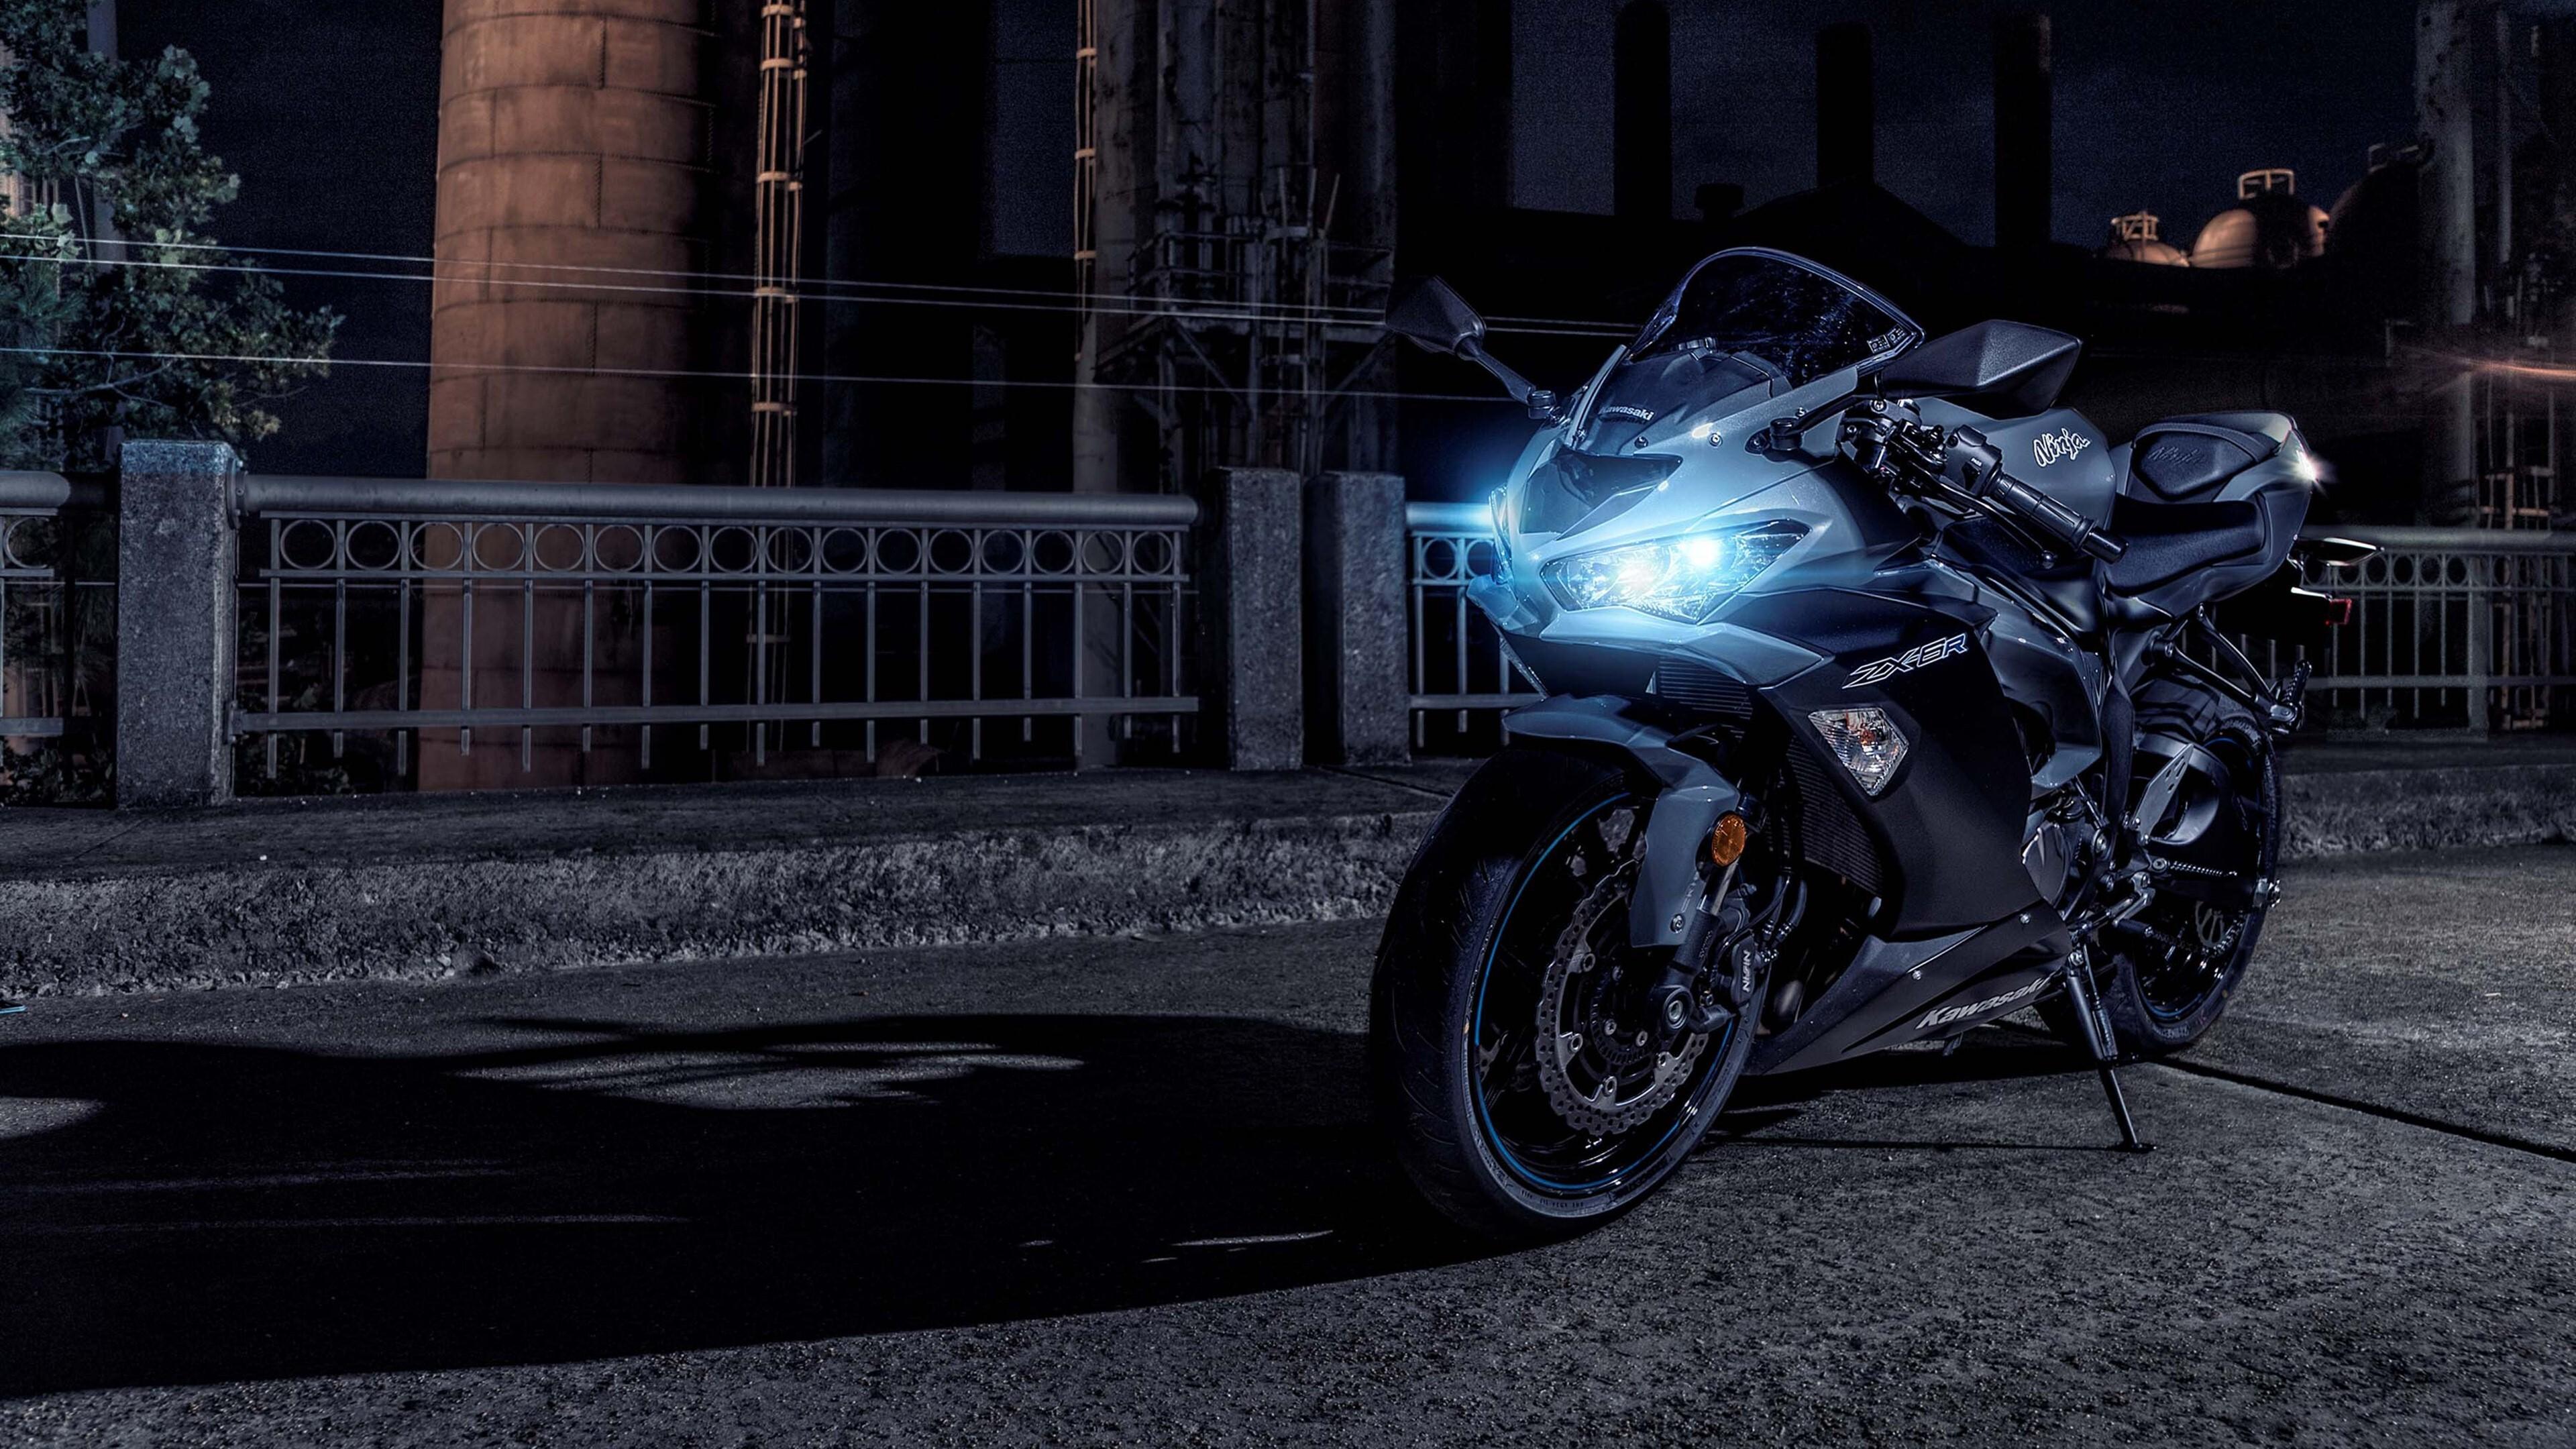 4K Pic Of 2019 Kawasaki Ninja ZX 6R Motorcycle